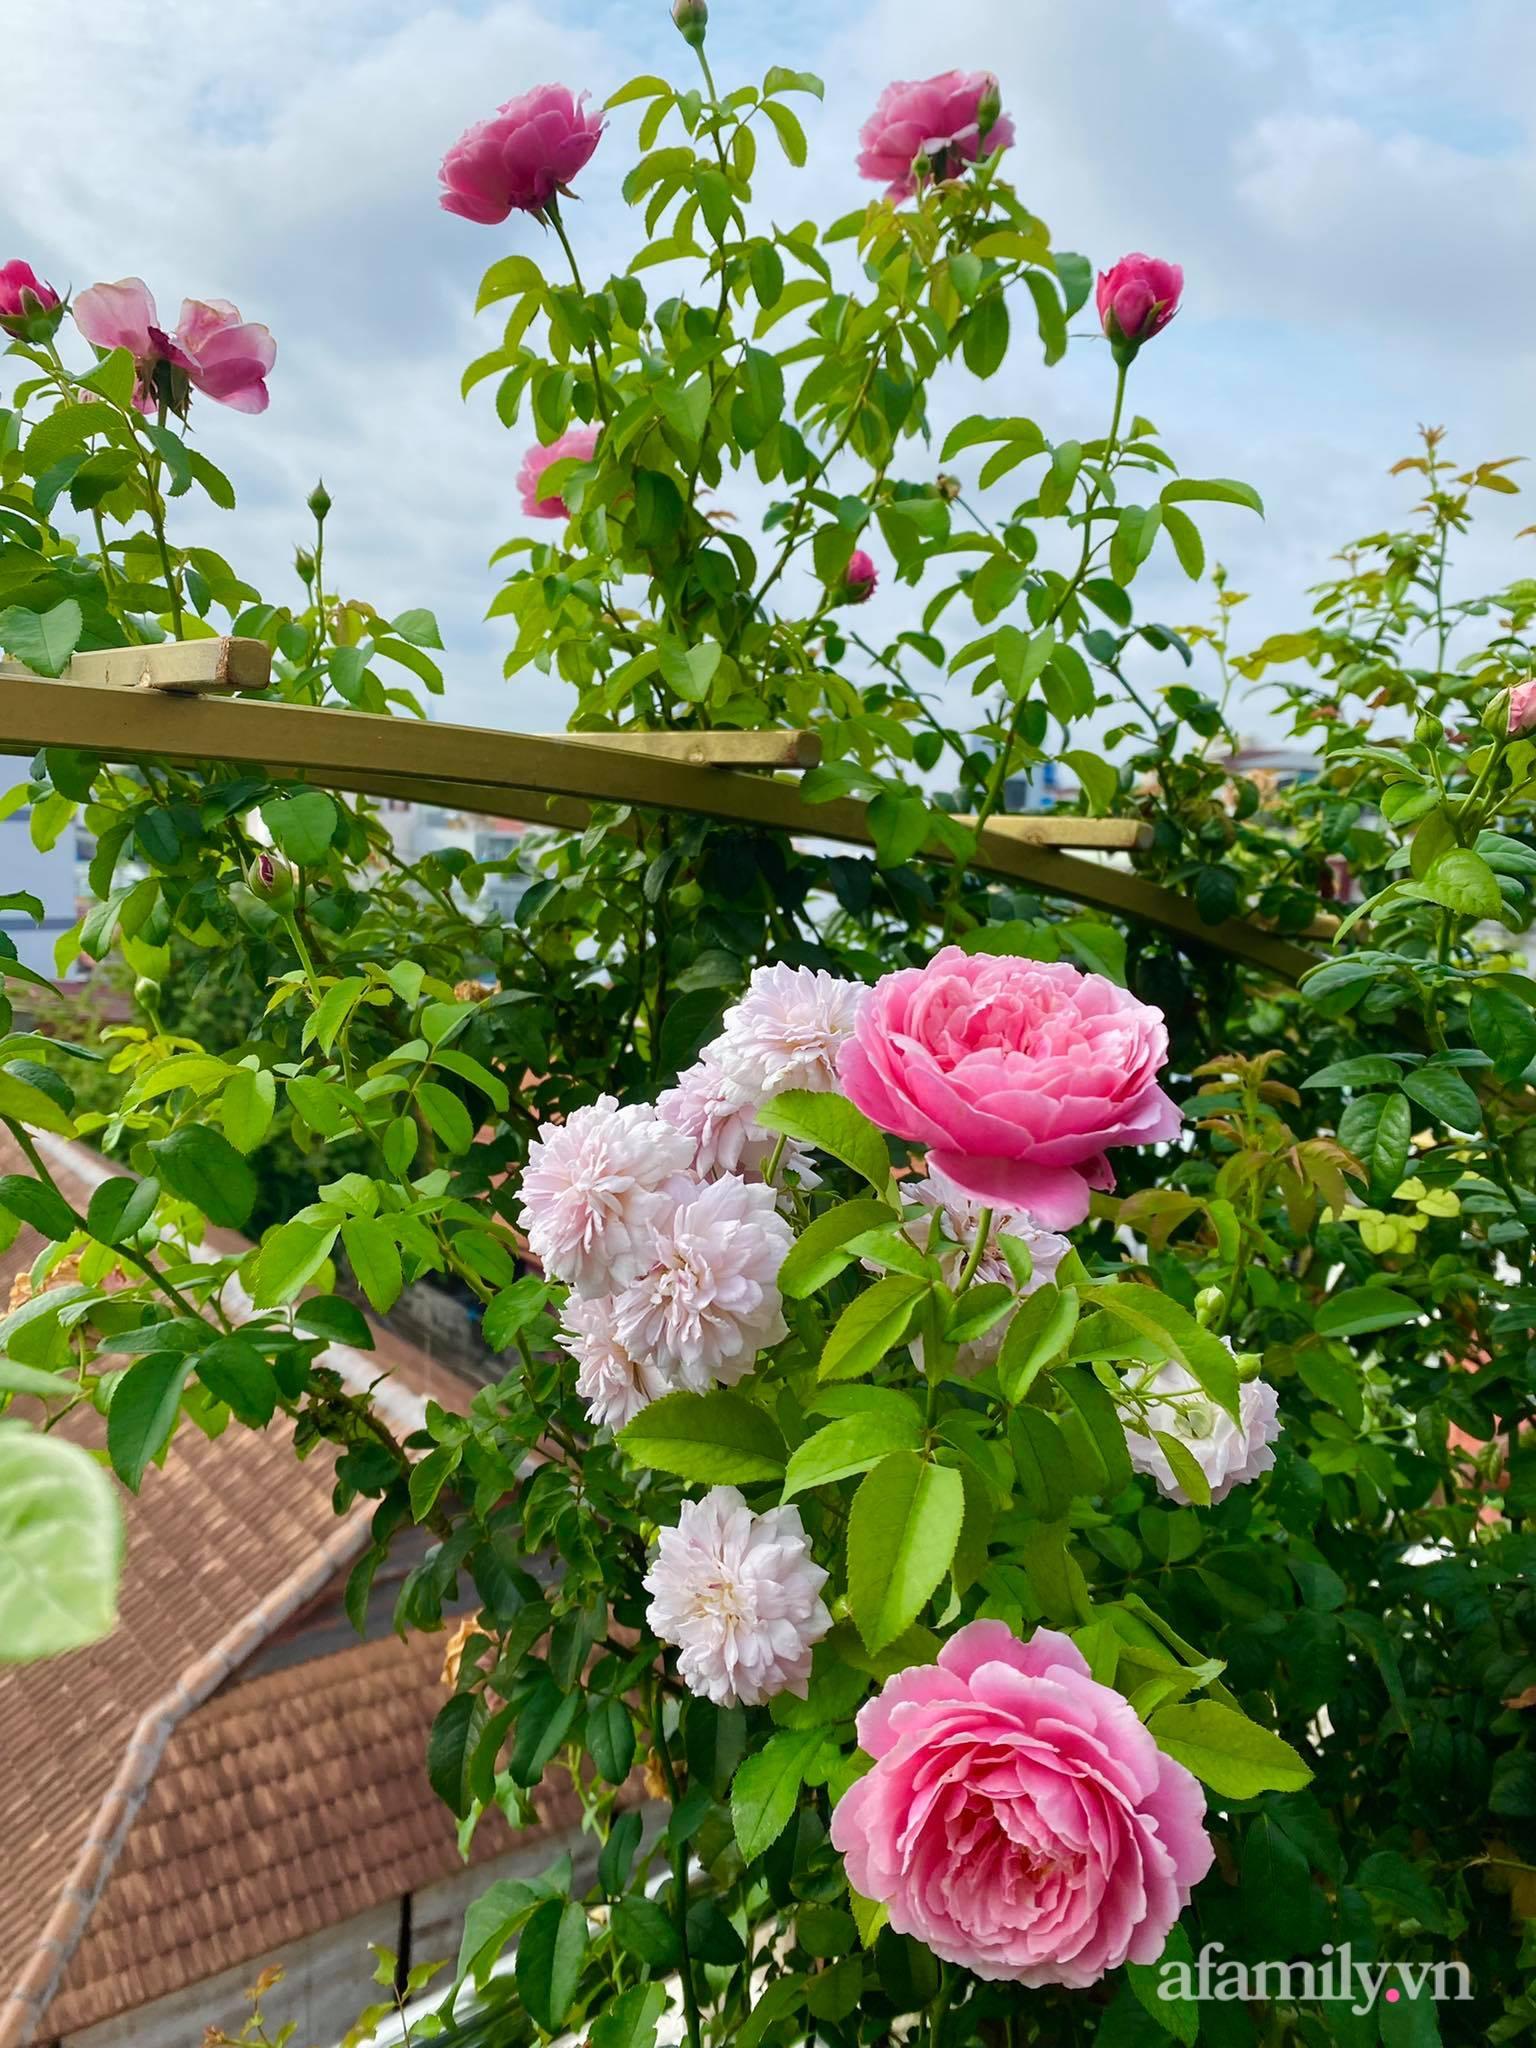 Sân thượng phủ kín hoa hồng và rau quả sạch ở Sài Gòn của Hoa hậu Janny Thủy Trần - ảnh 8